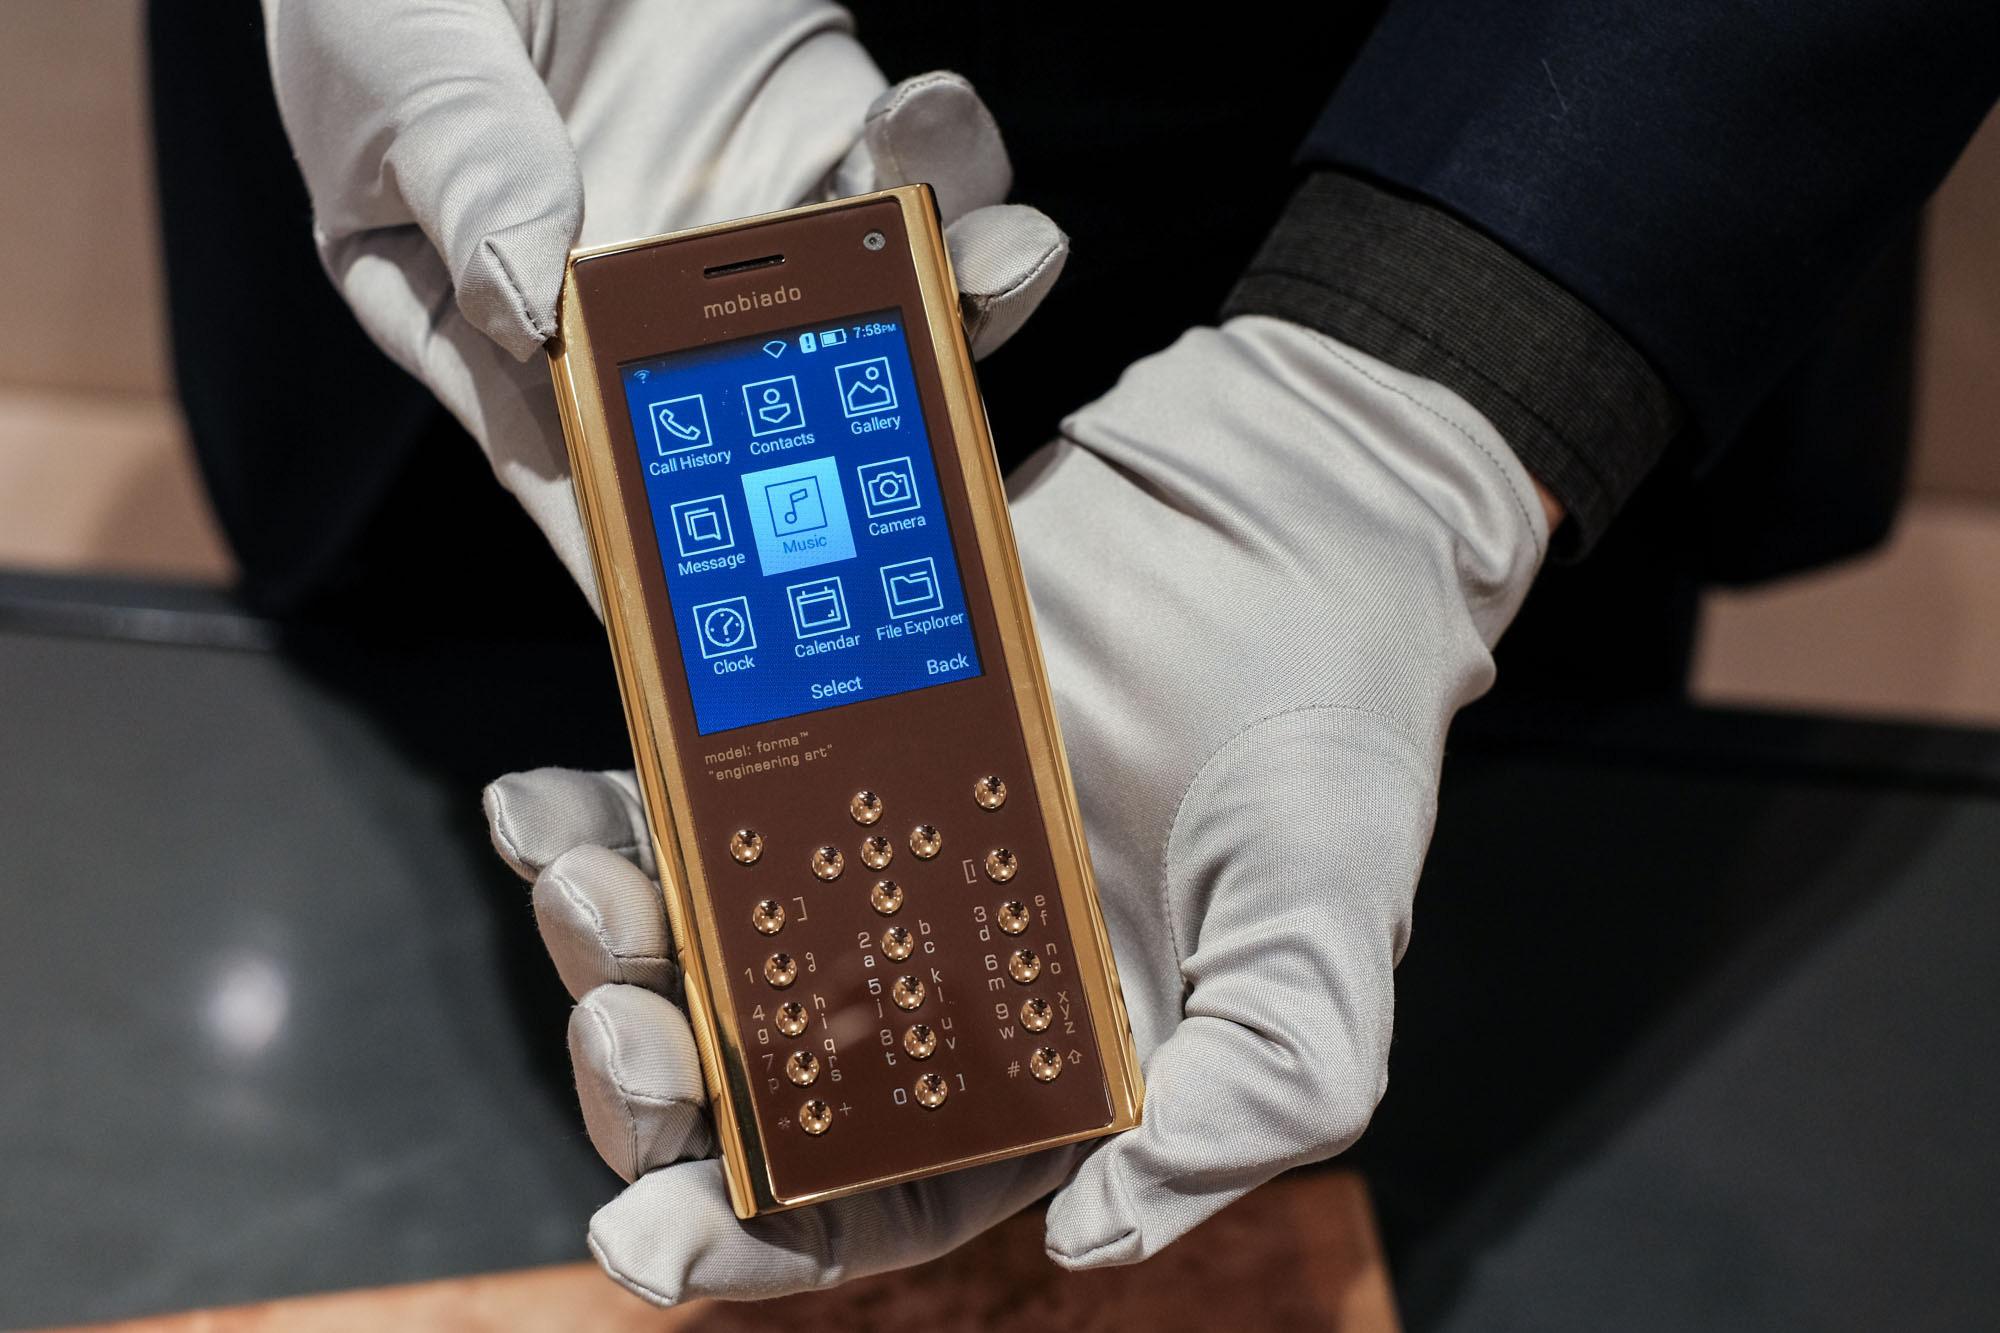 Ngắm nhìn điện thoại Mobiado hạng sang giá đắt nhất Việt Nam - Ảnh 13.